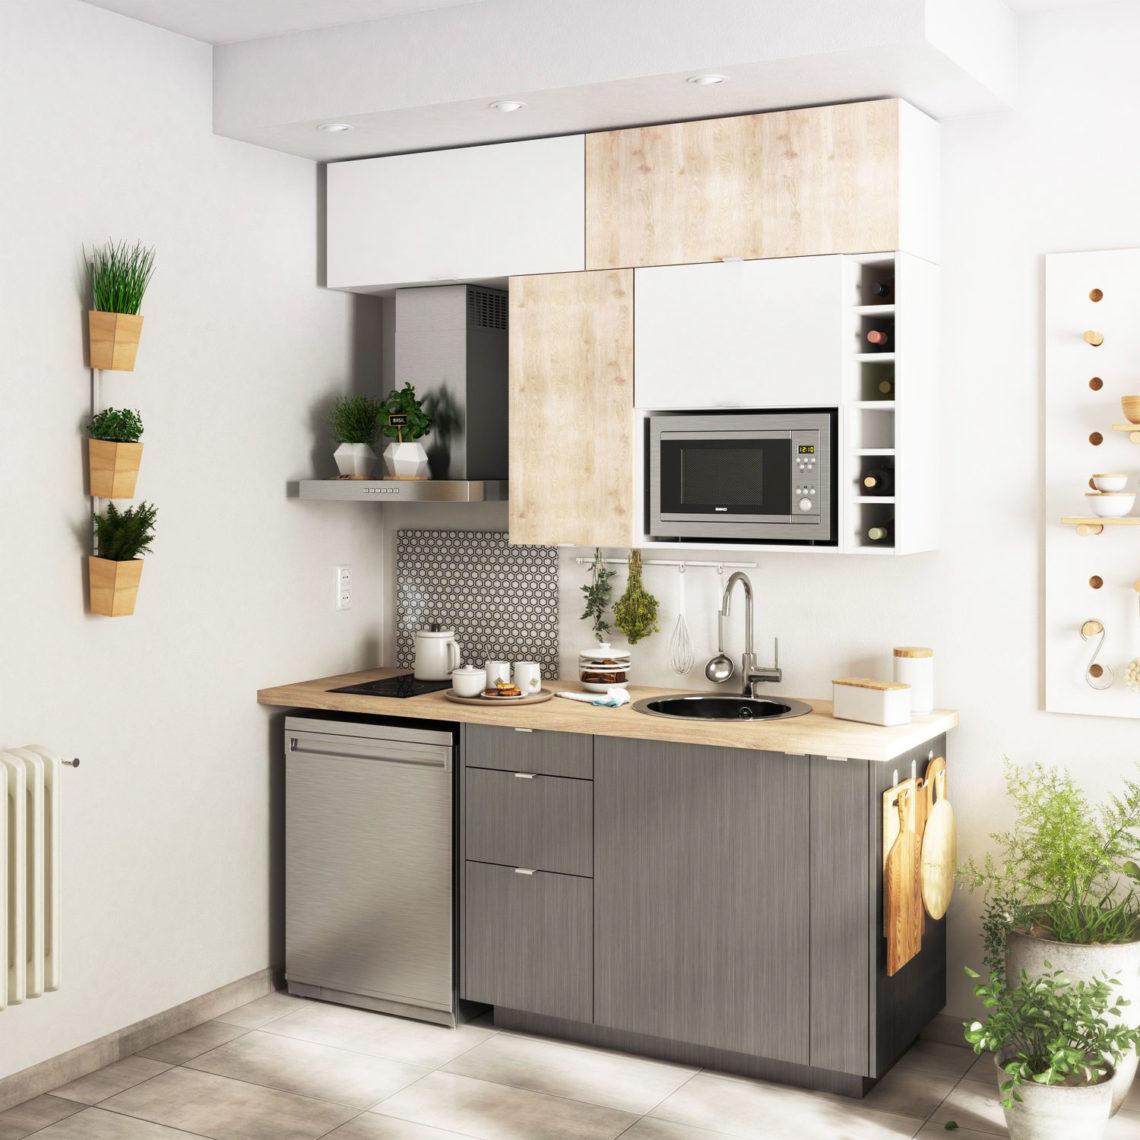 Prix Cuisine Aménagée Ikea cuisine ikea, leroy merlin ou brico dépôt : le comparatif